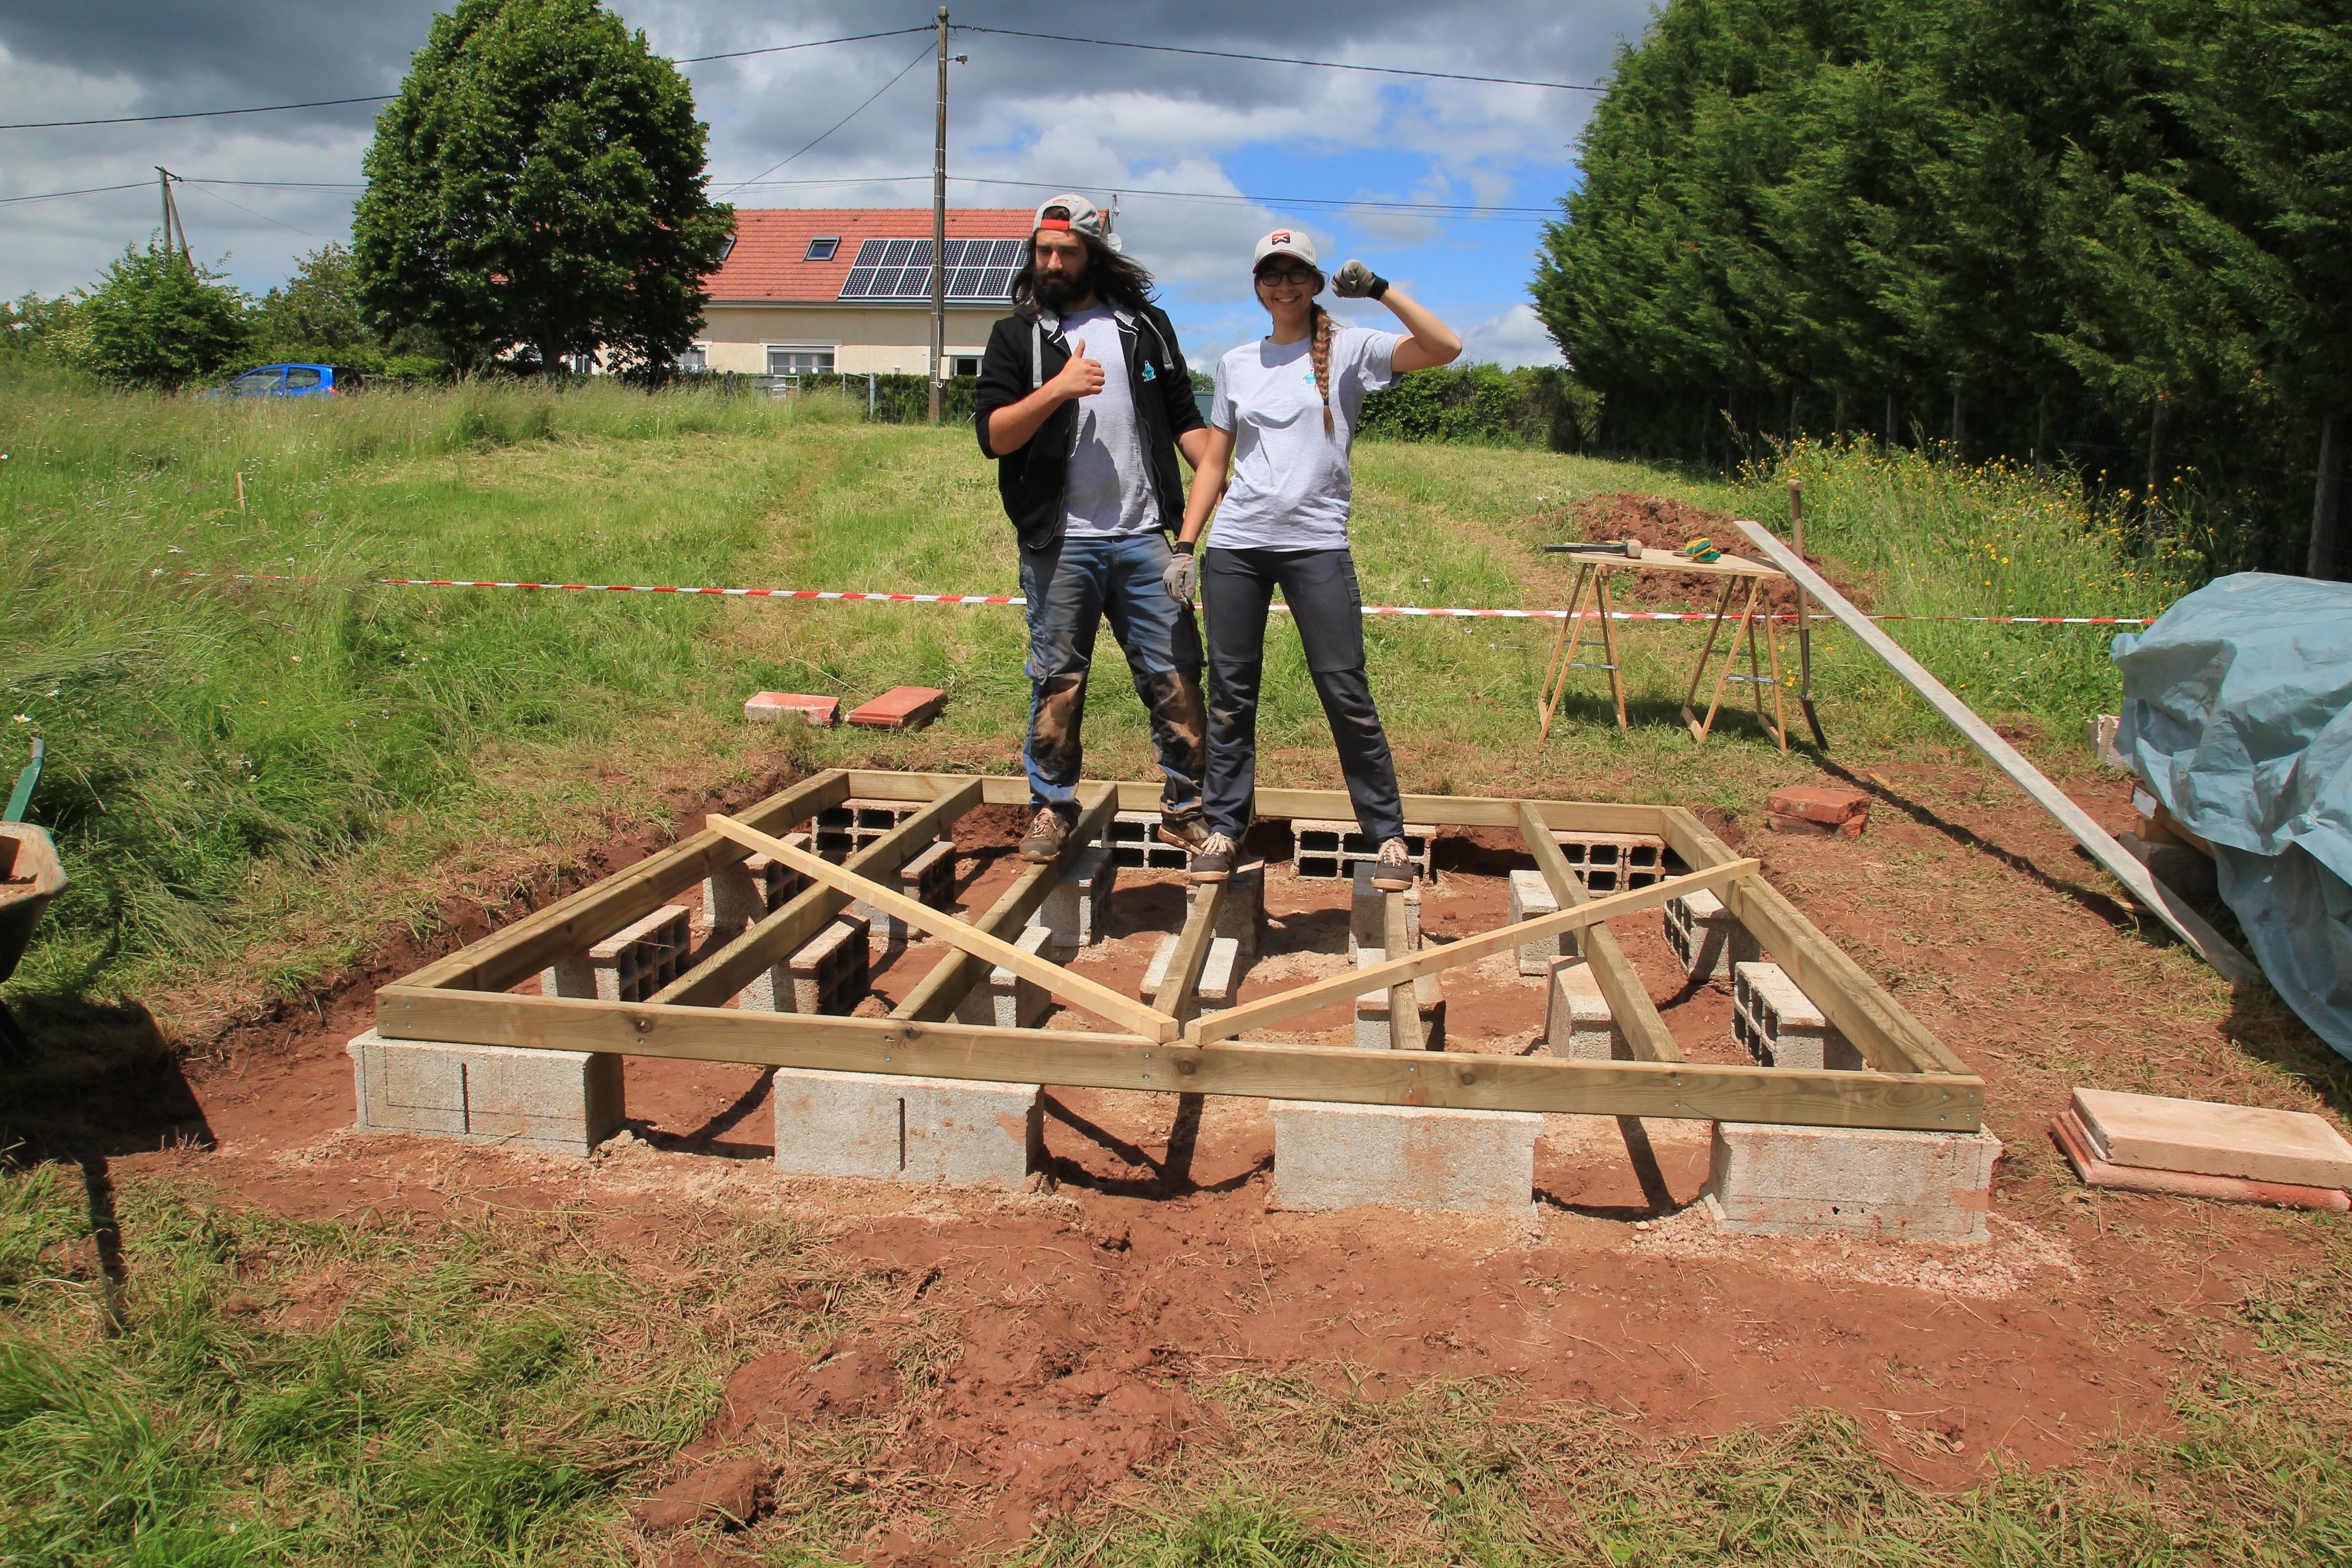 Fondations et dalle bois - Suite et fin [Abri de jardin] | Comme un ...